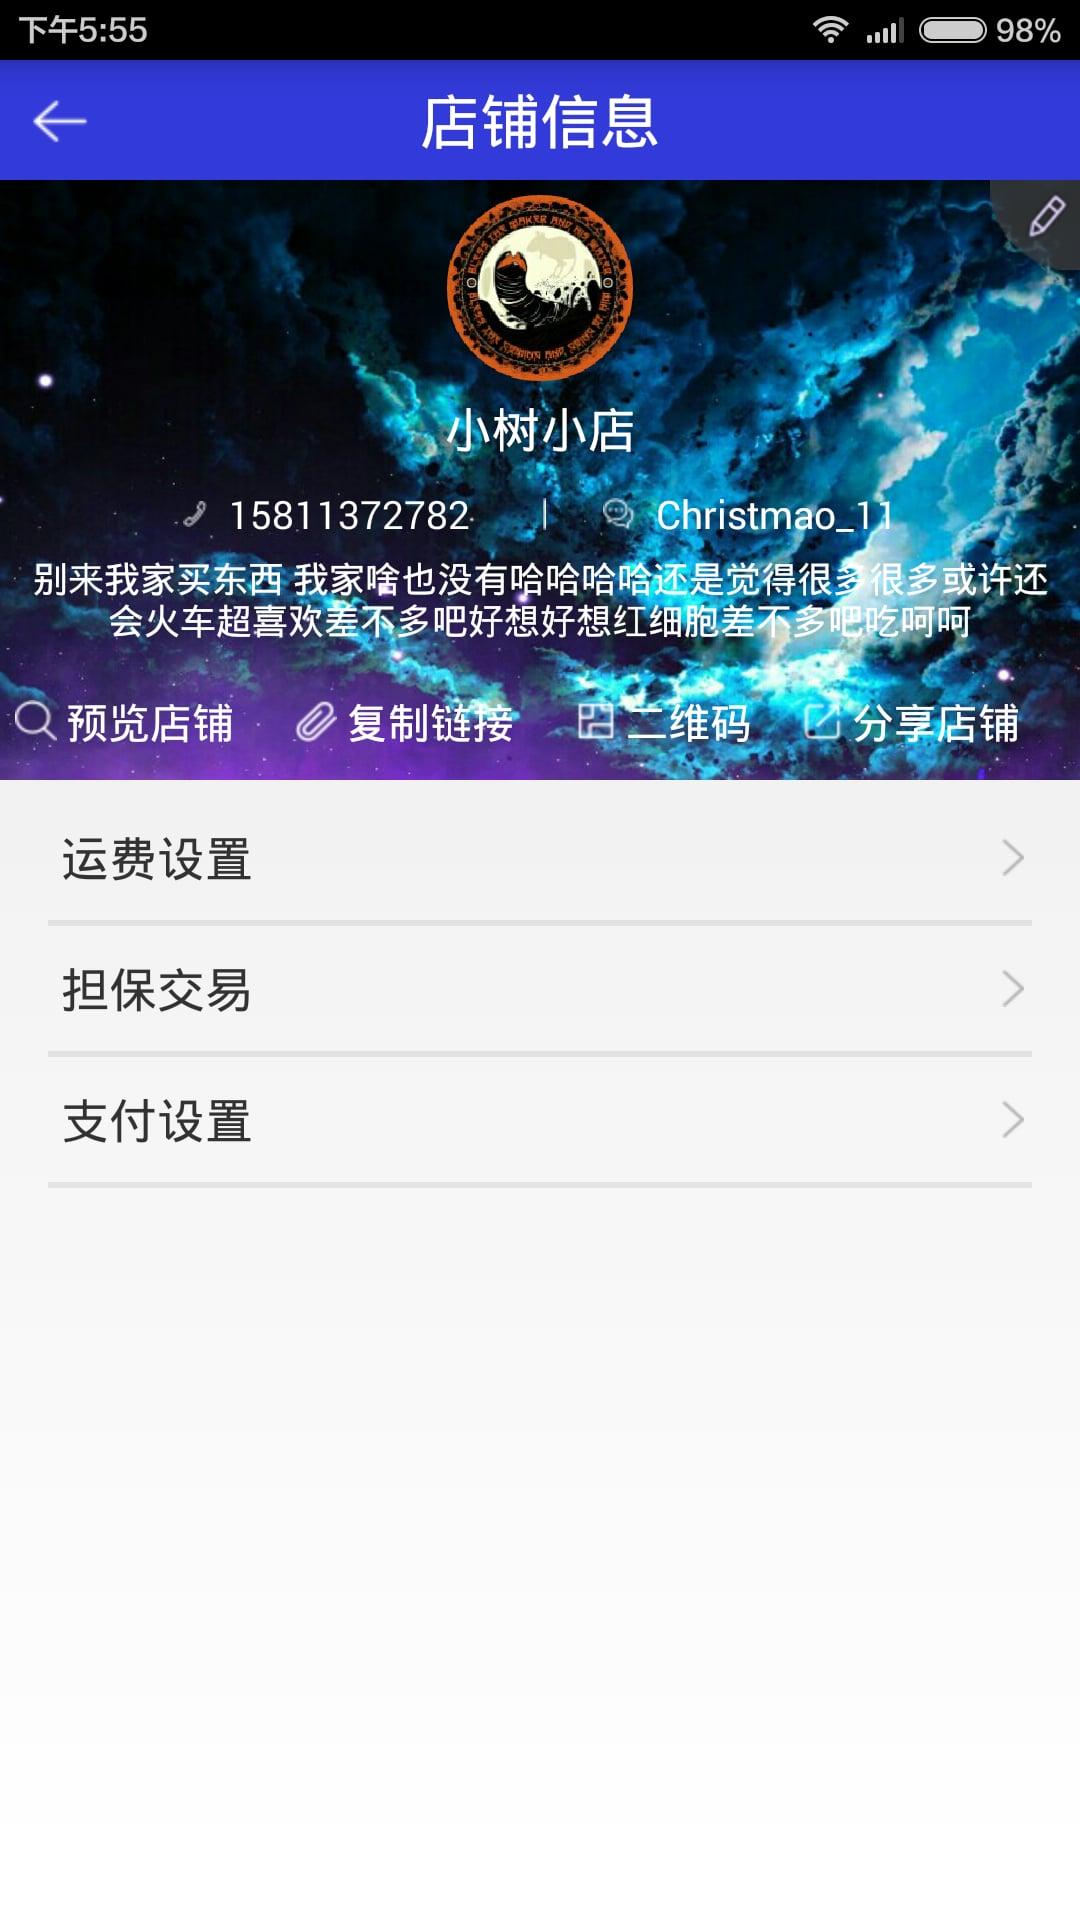 微铺宝微店V2.13 安卓版